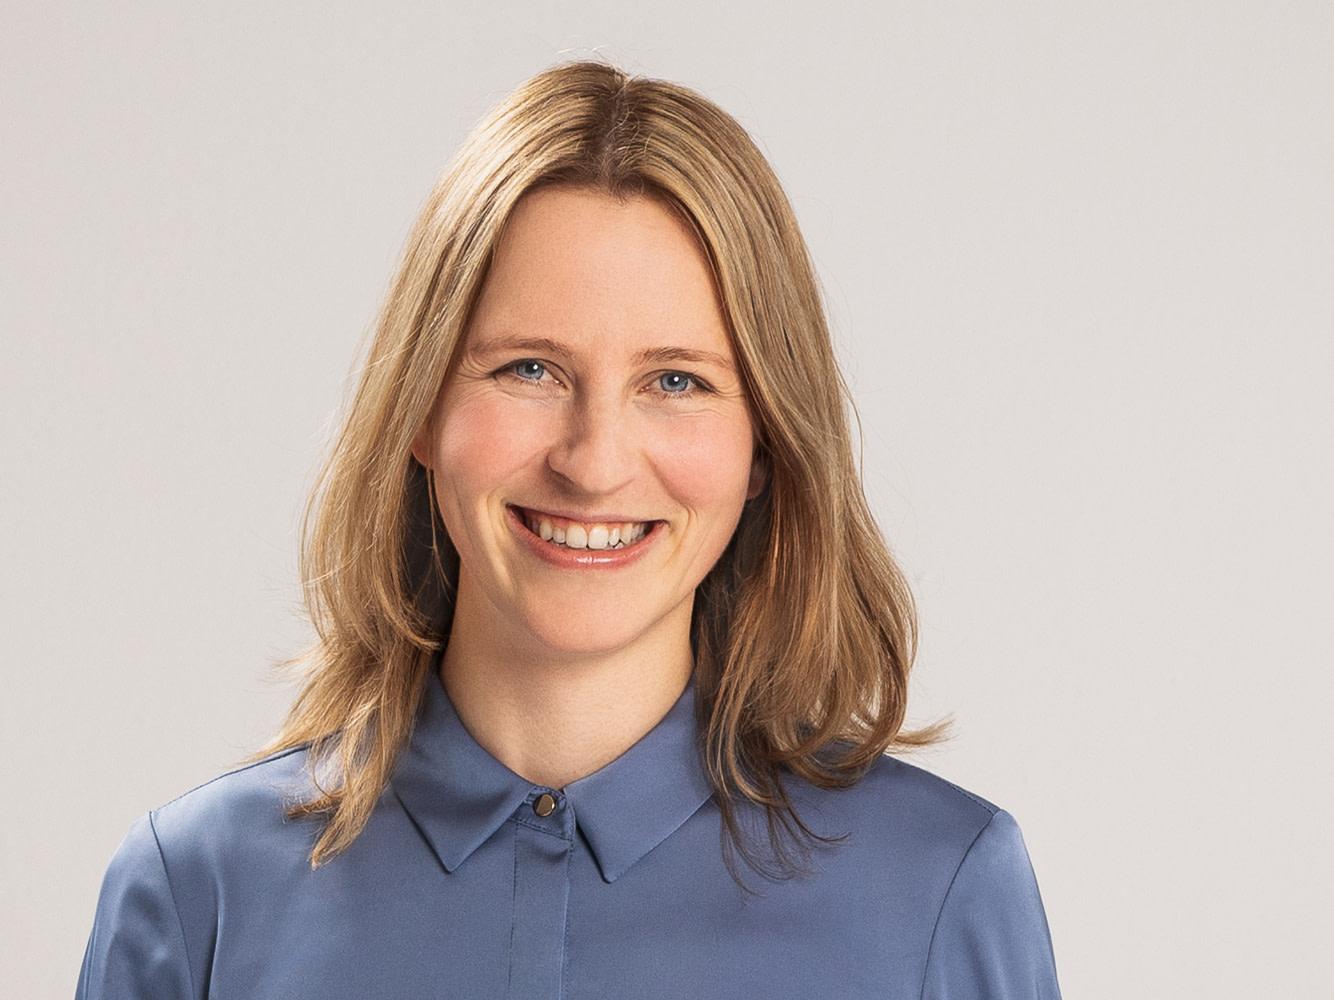 Franziska Martens